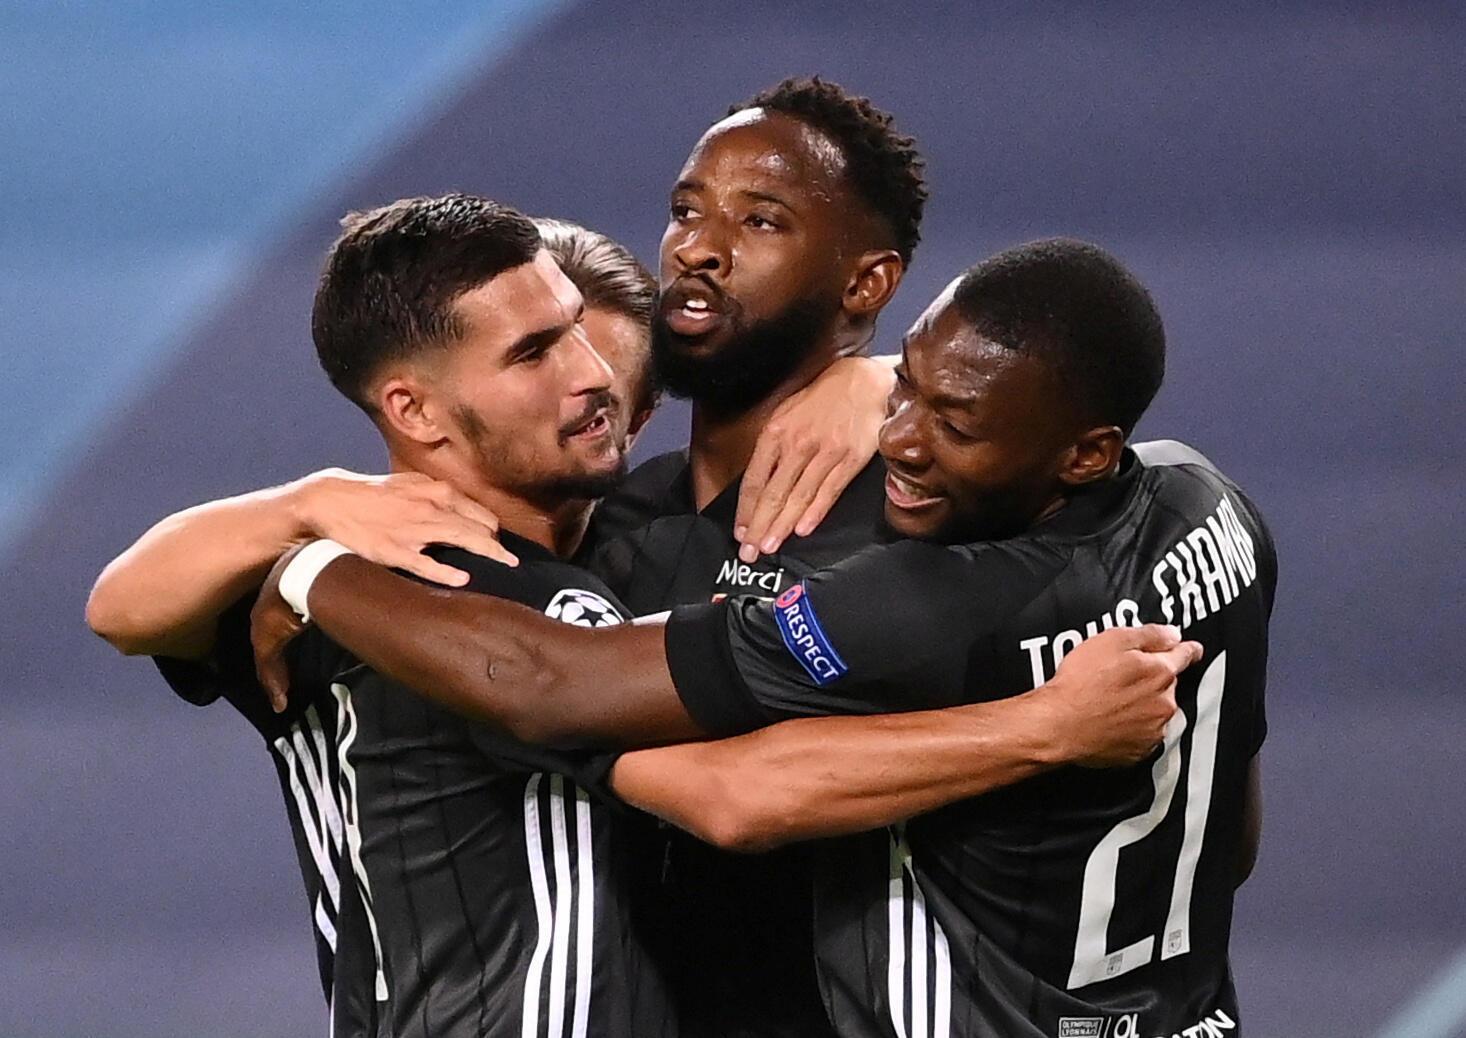 Les Lyonnais réunis autour de Moussa Dembélé, auteur d'un doublé face à Manchester City le 15 août.